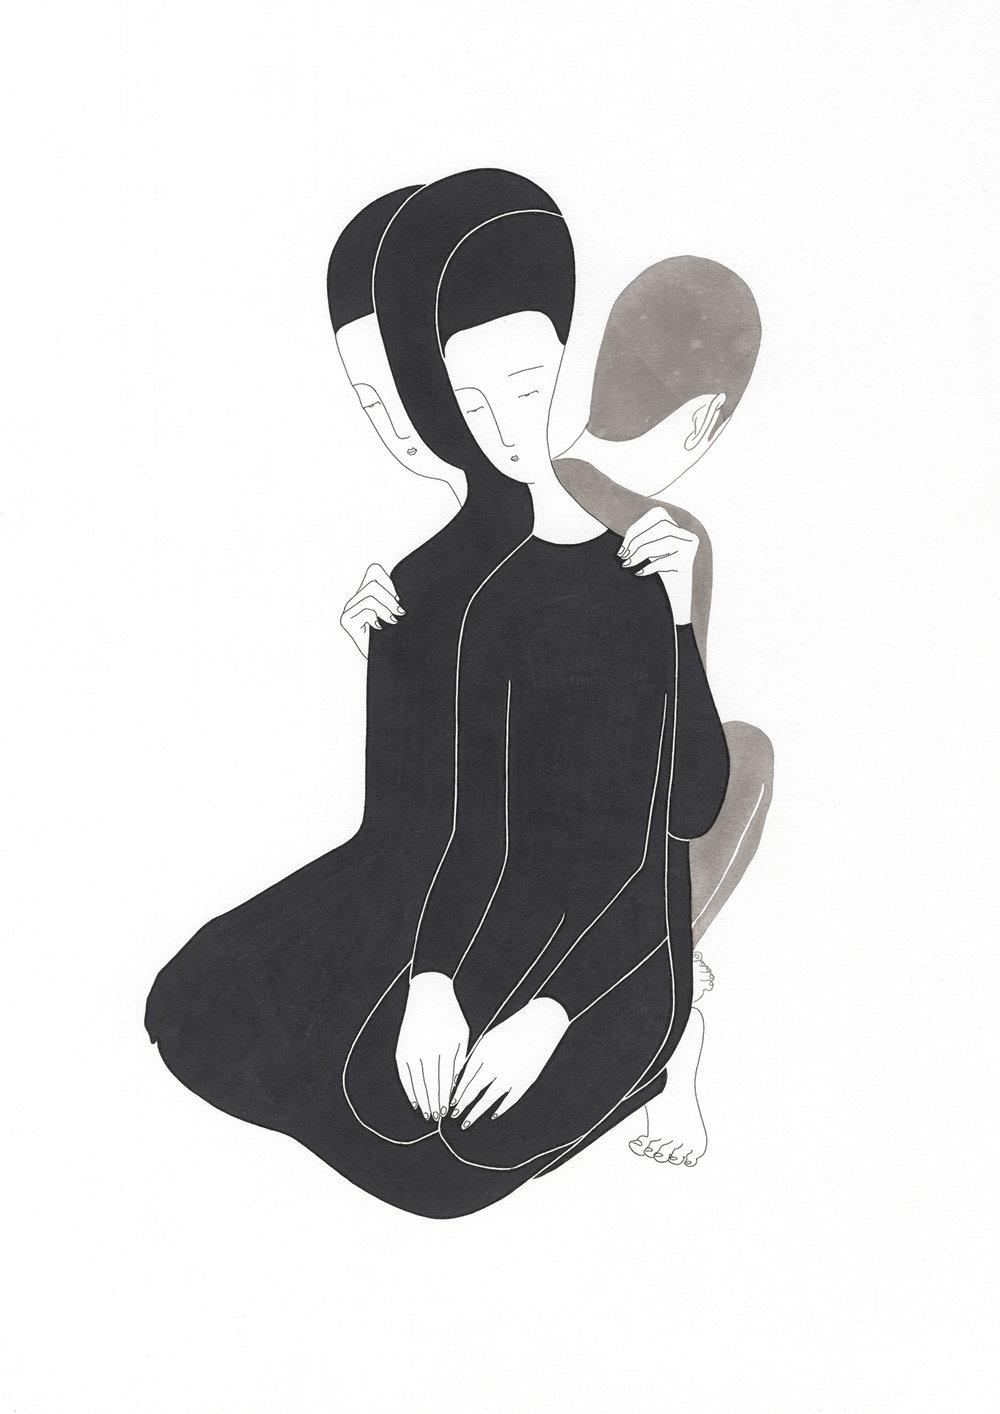 너의 우리 / Being for others Op.0101P -38 x 56.5 cm,종이에 펜, 마커, 잉크 / Pigment liner, marker, and ink on paper, 2015